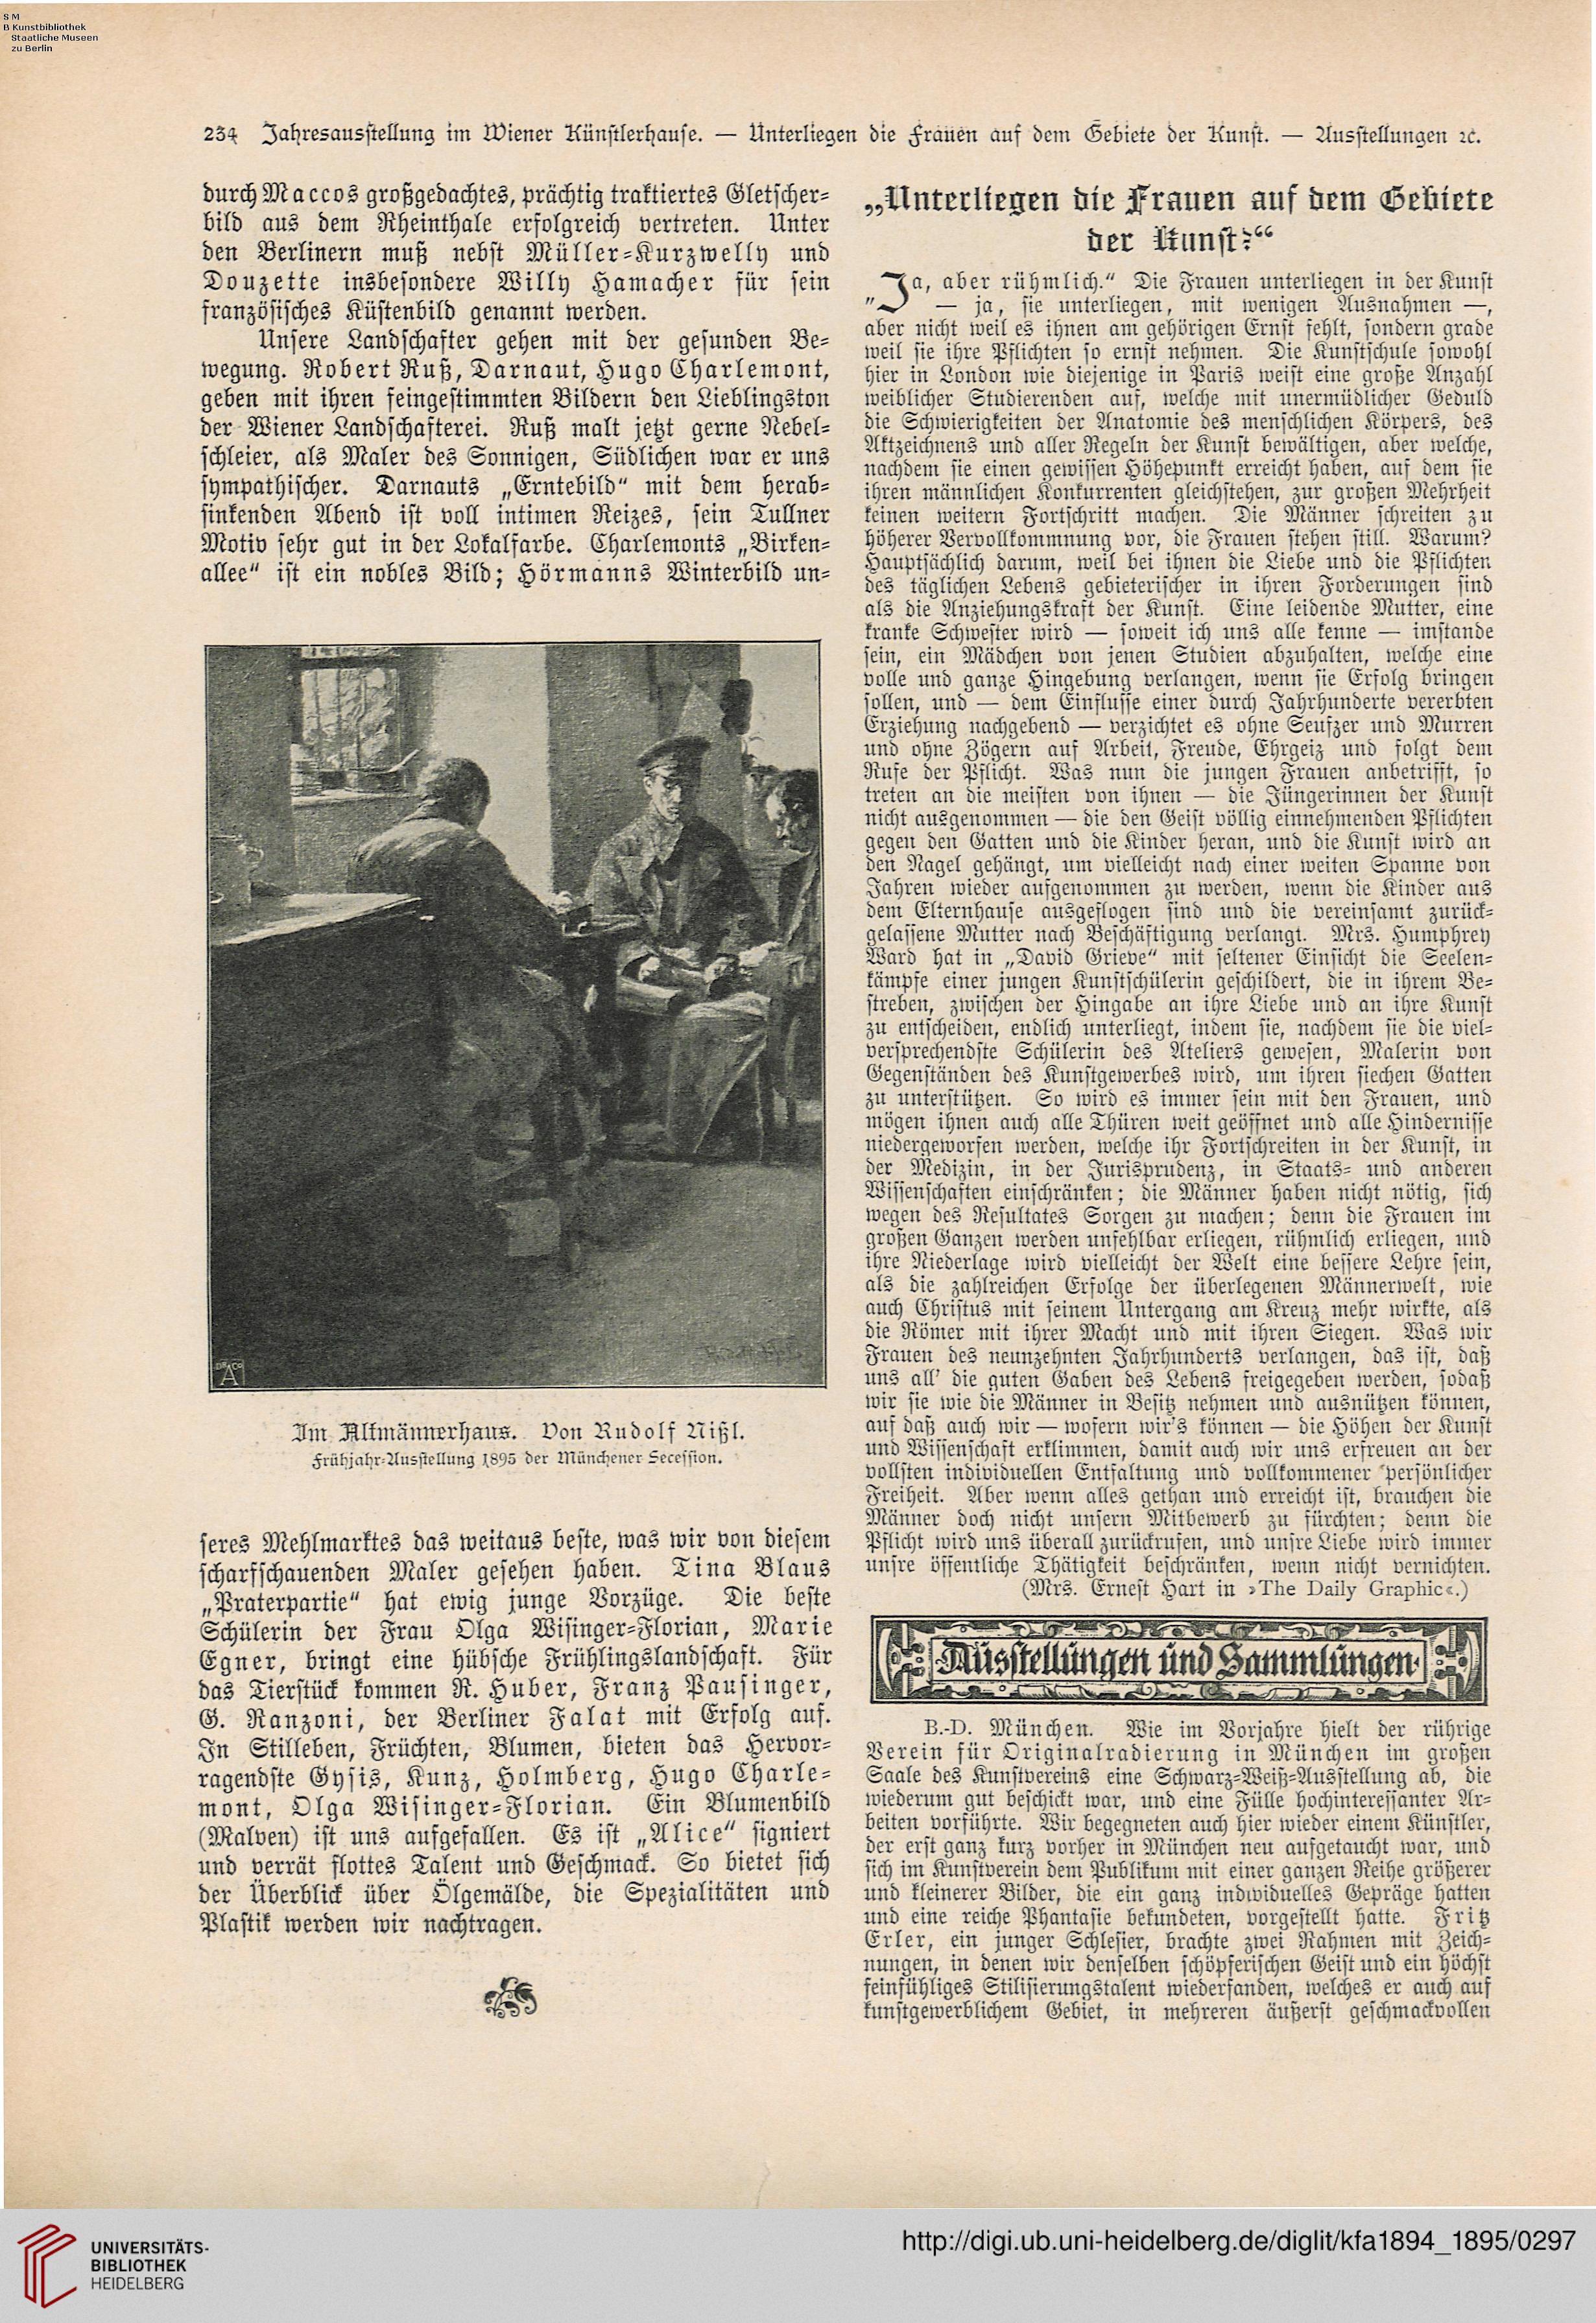 Die Kunst für alle: Malerei, Plastik, Graphik, Architektur (10.1894 ...